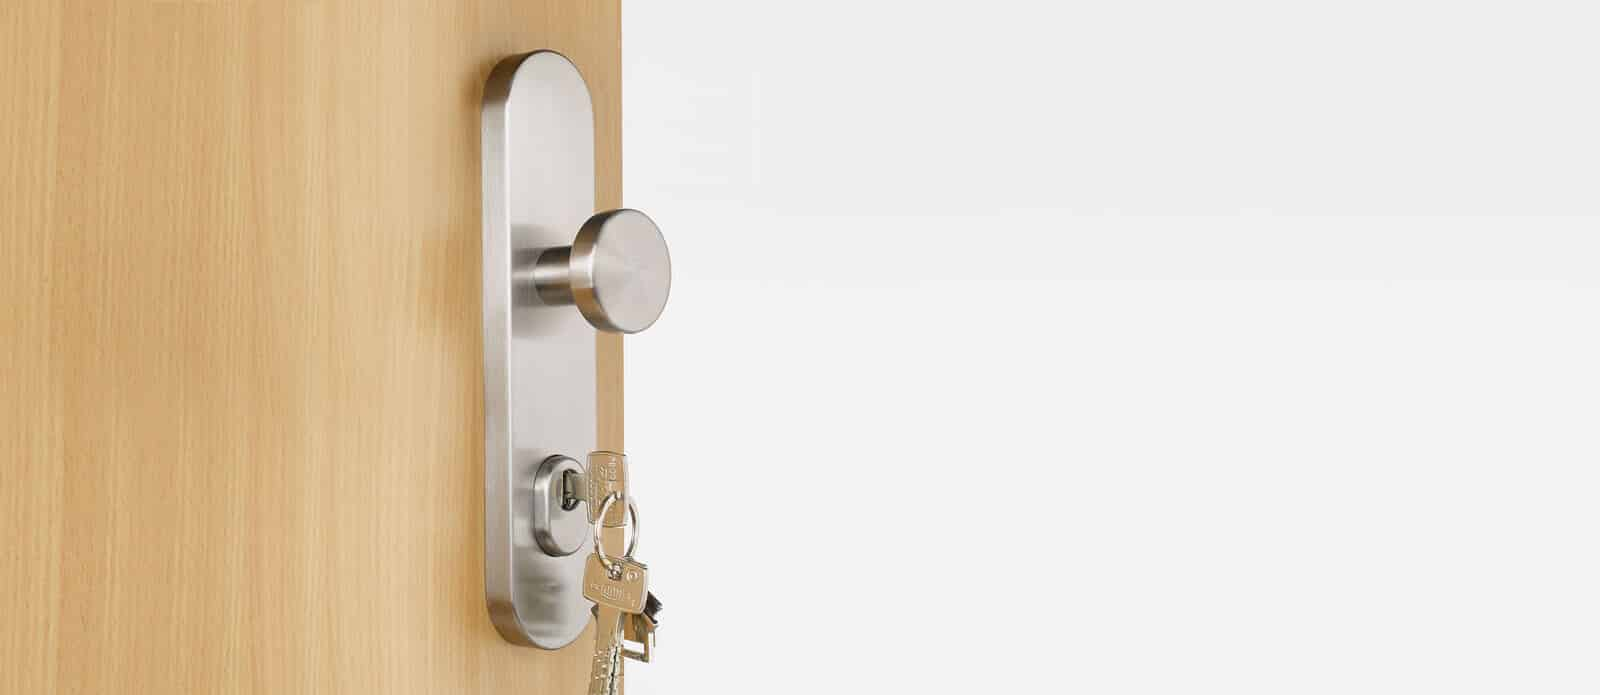 sicherheitstuer 1600 695 header - Produkte